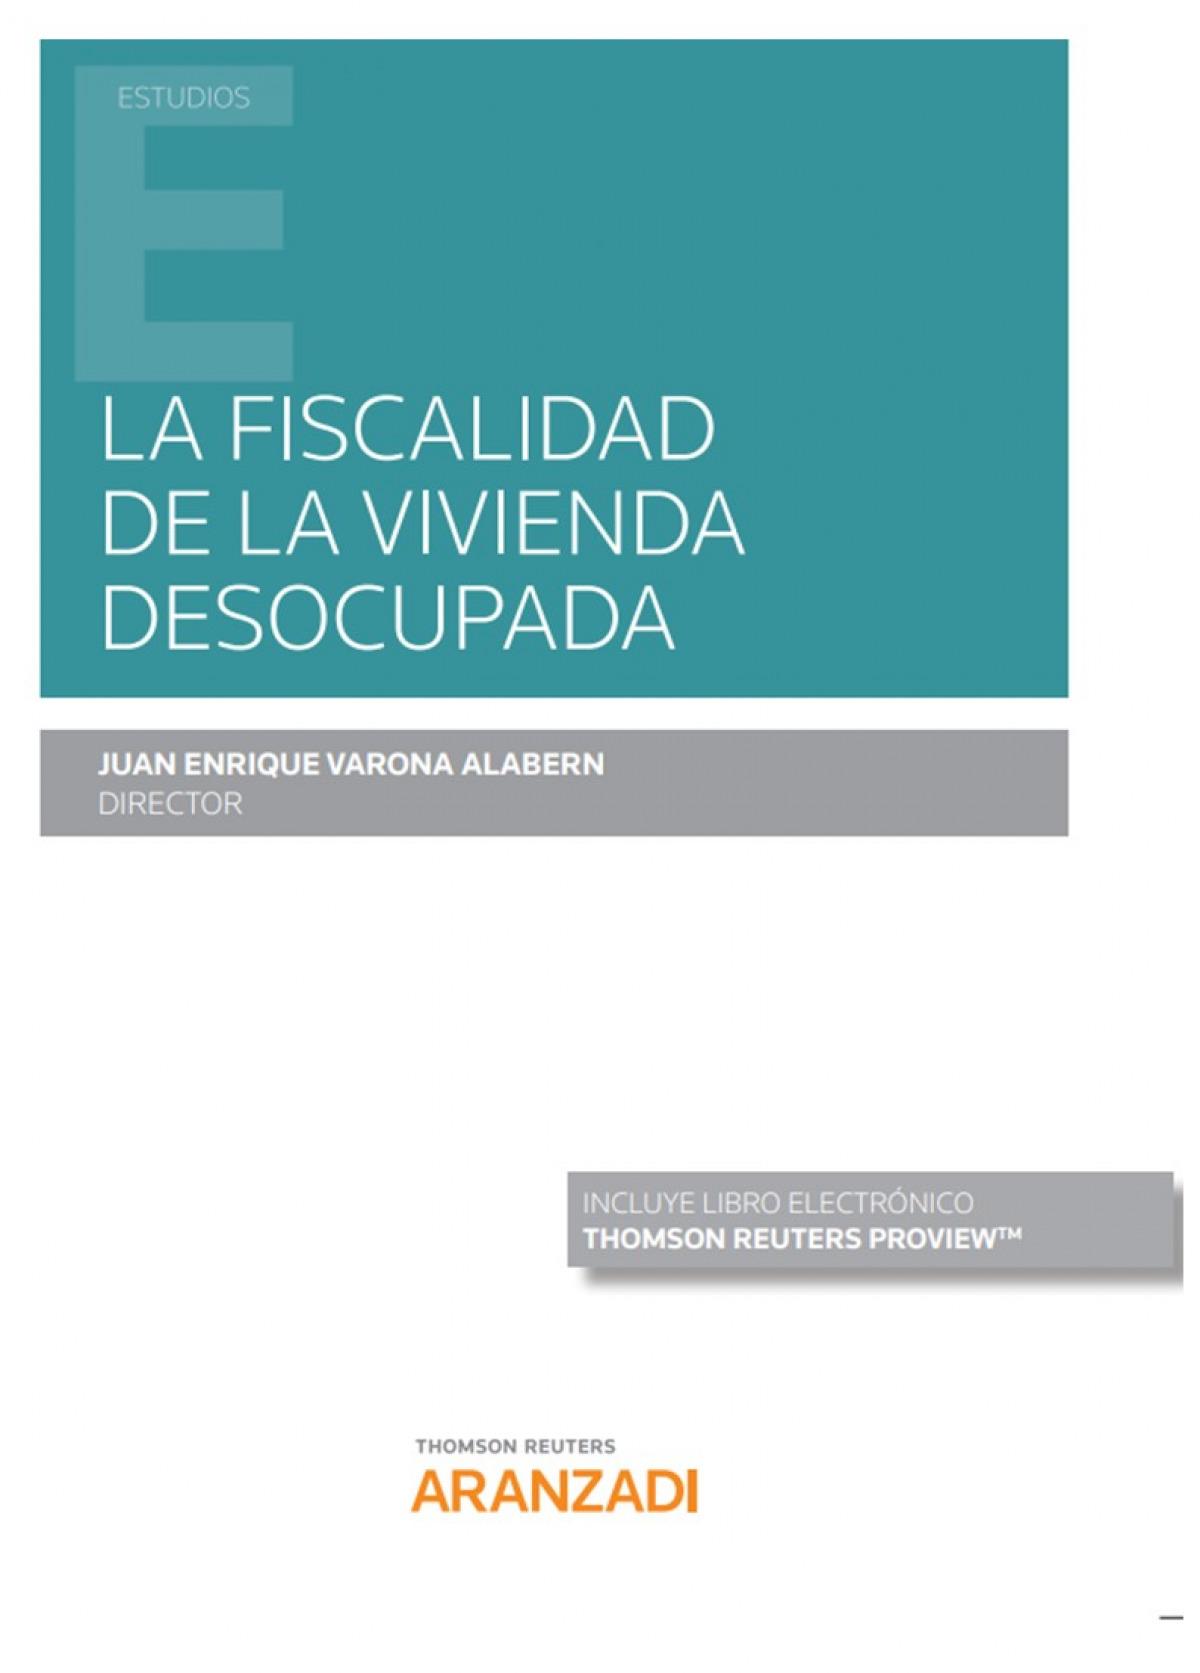 FISCALIDAD DE LA VIVIENDA DESOCUPADA,LA DUO 9788413468198